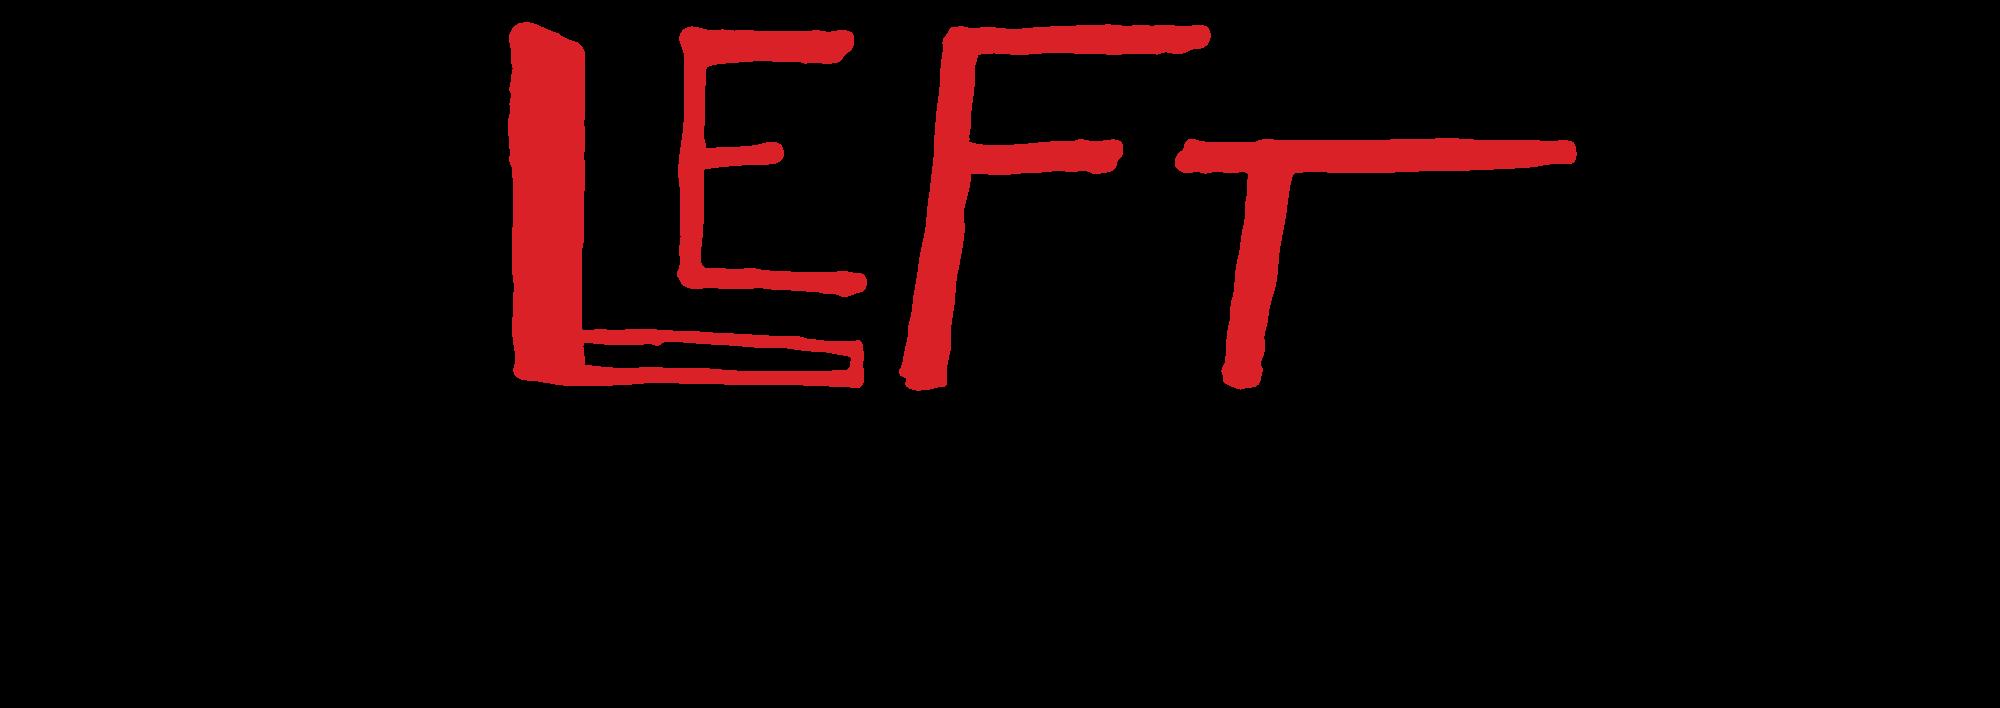 abbonamenti_leftt3